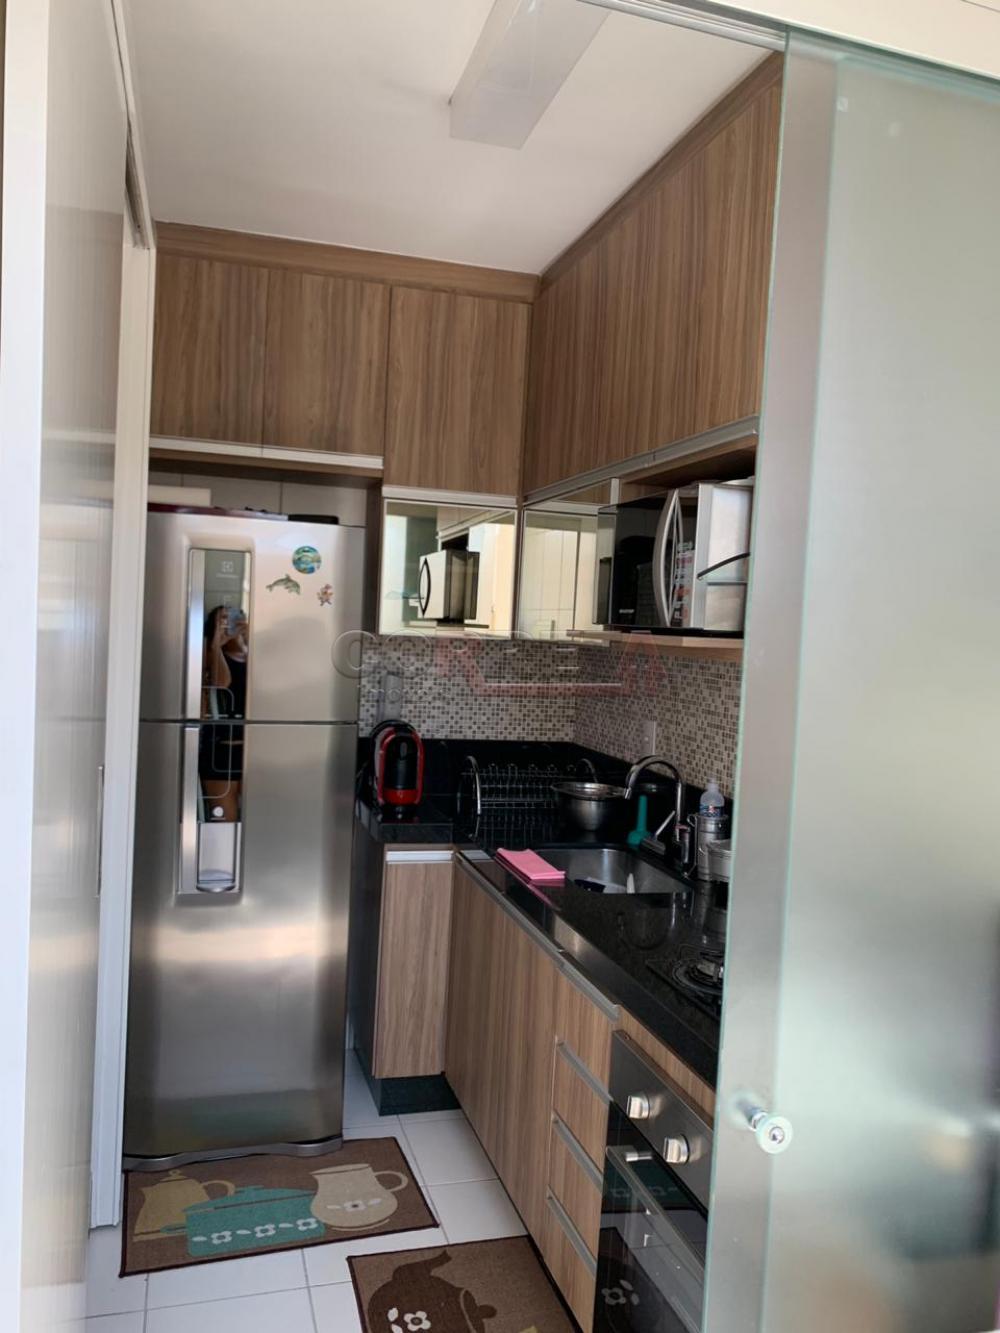 Comprar Apartamento / Padrão em Araçatuba R$ 185.000,00 - Foto 18